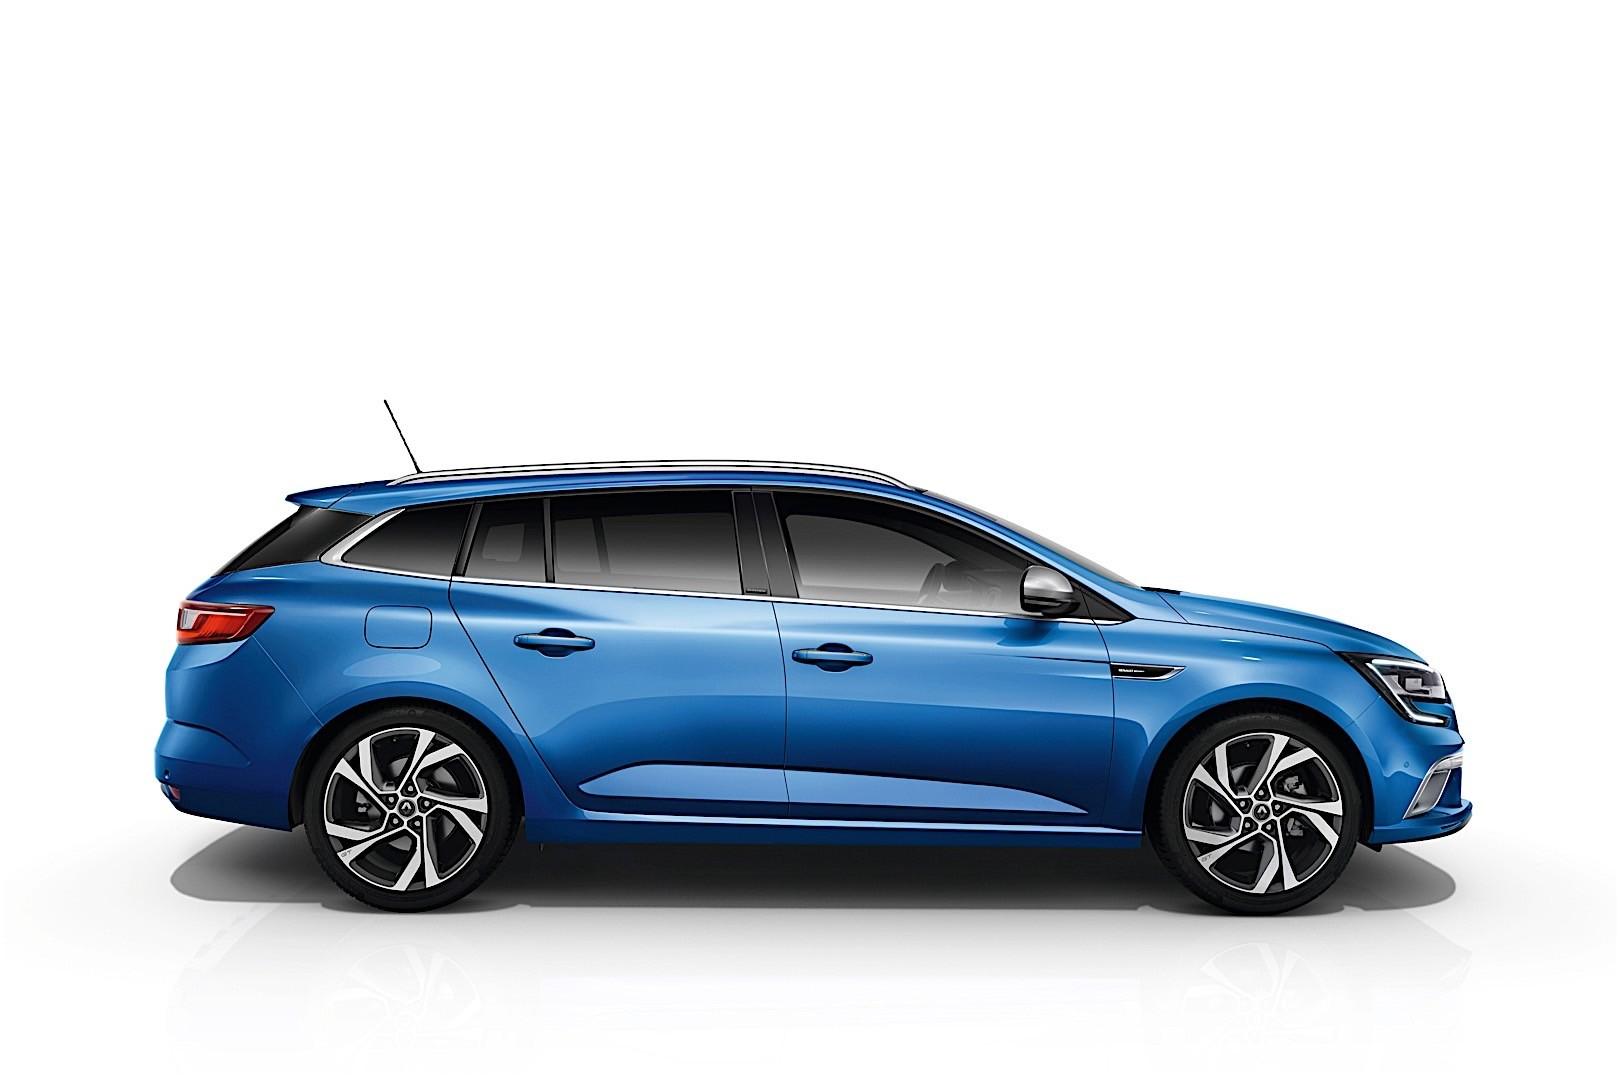 Renault megane wagon 2016